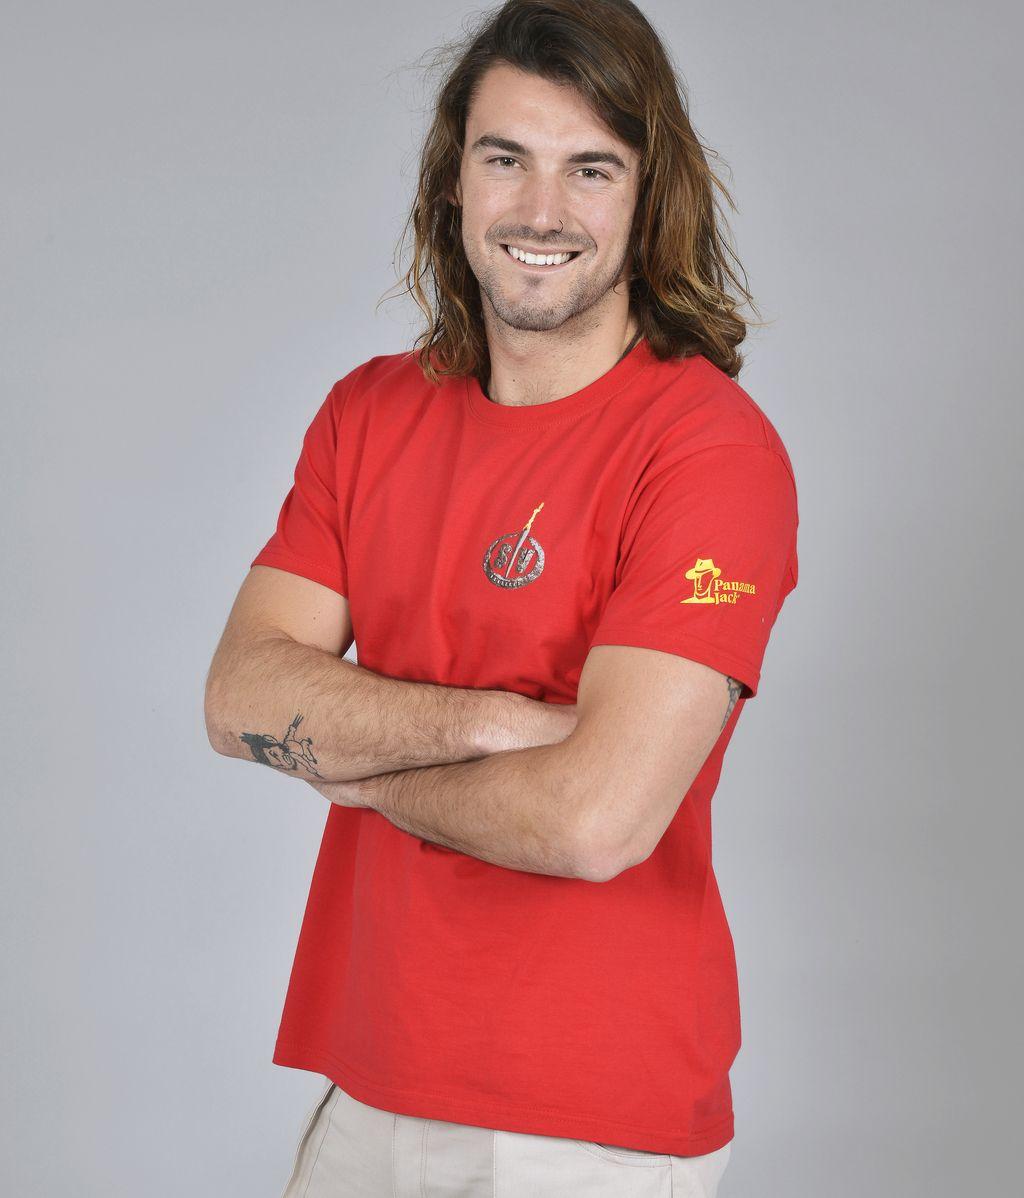 Daniel Sampedro Logan